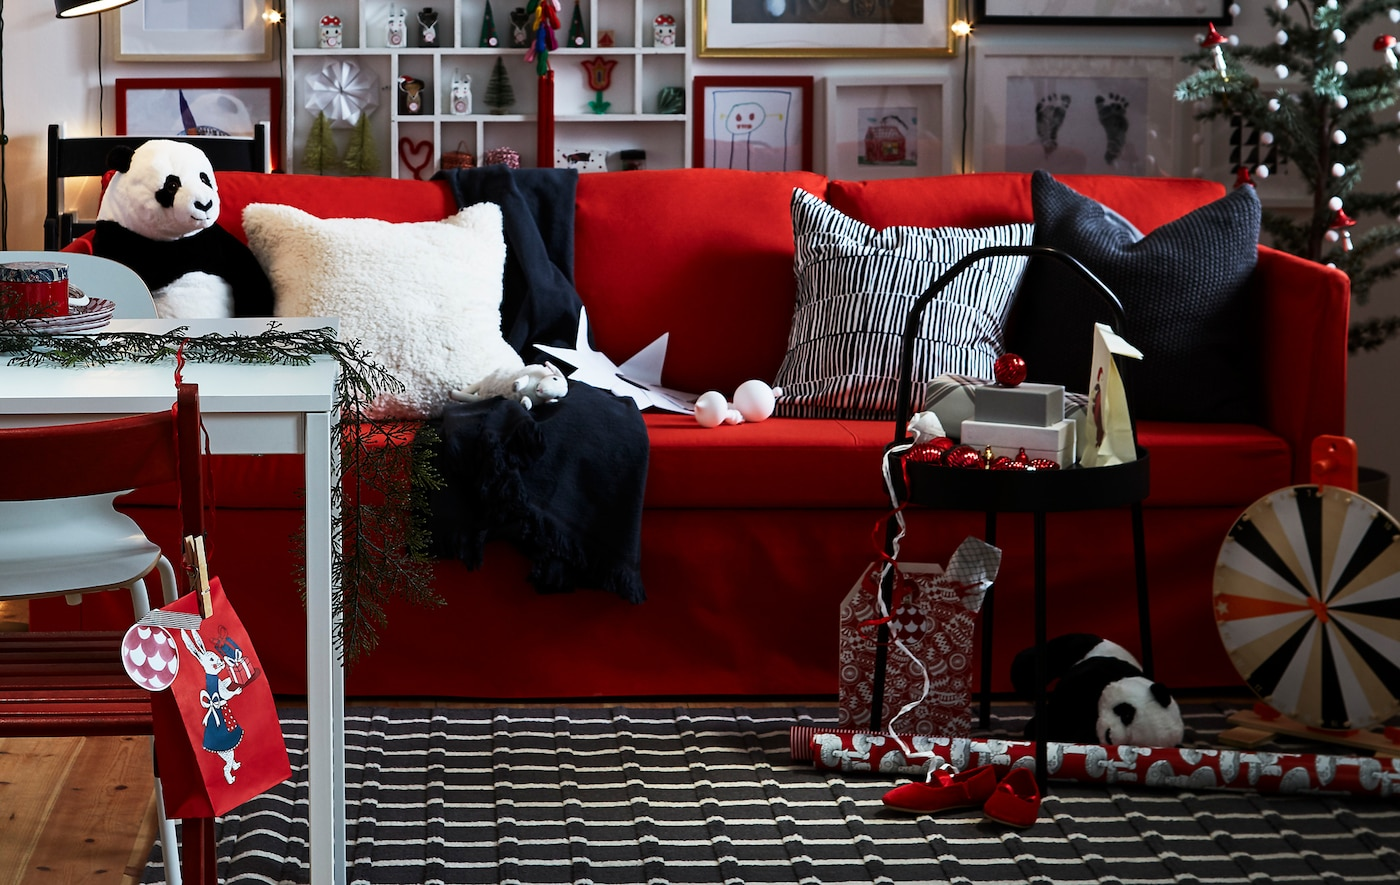 Ein in Rot, Schwarz und Weiss gehaltenes Wohnzimmer mit vielen persönlich gestalteten Details und flexiblen Möbeln, die für eine warme, gemütliche Atmosphäre sorgen.